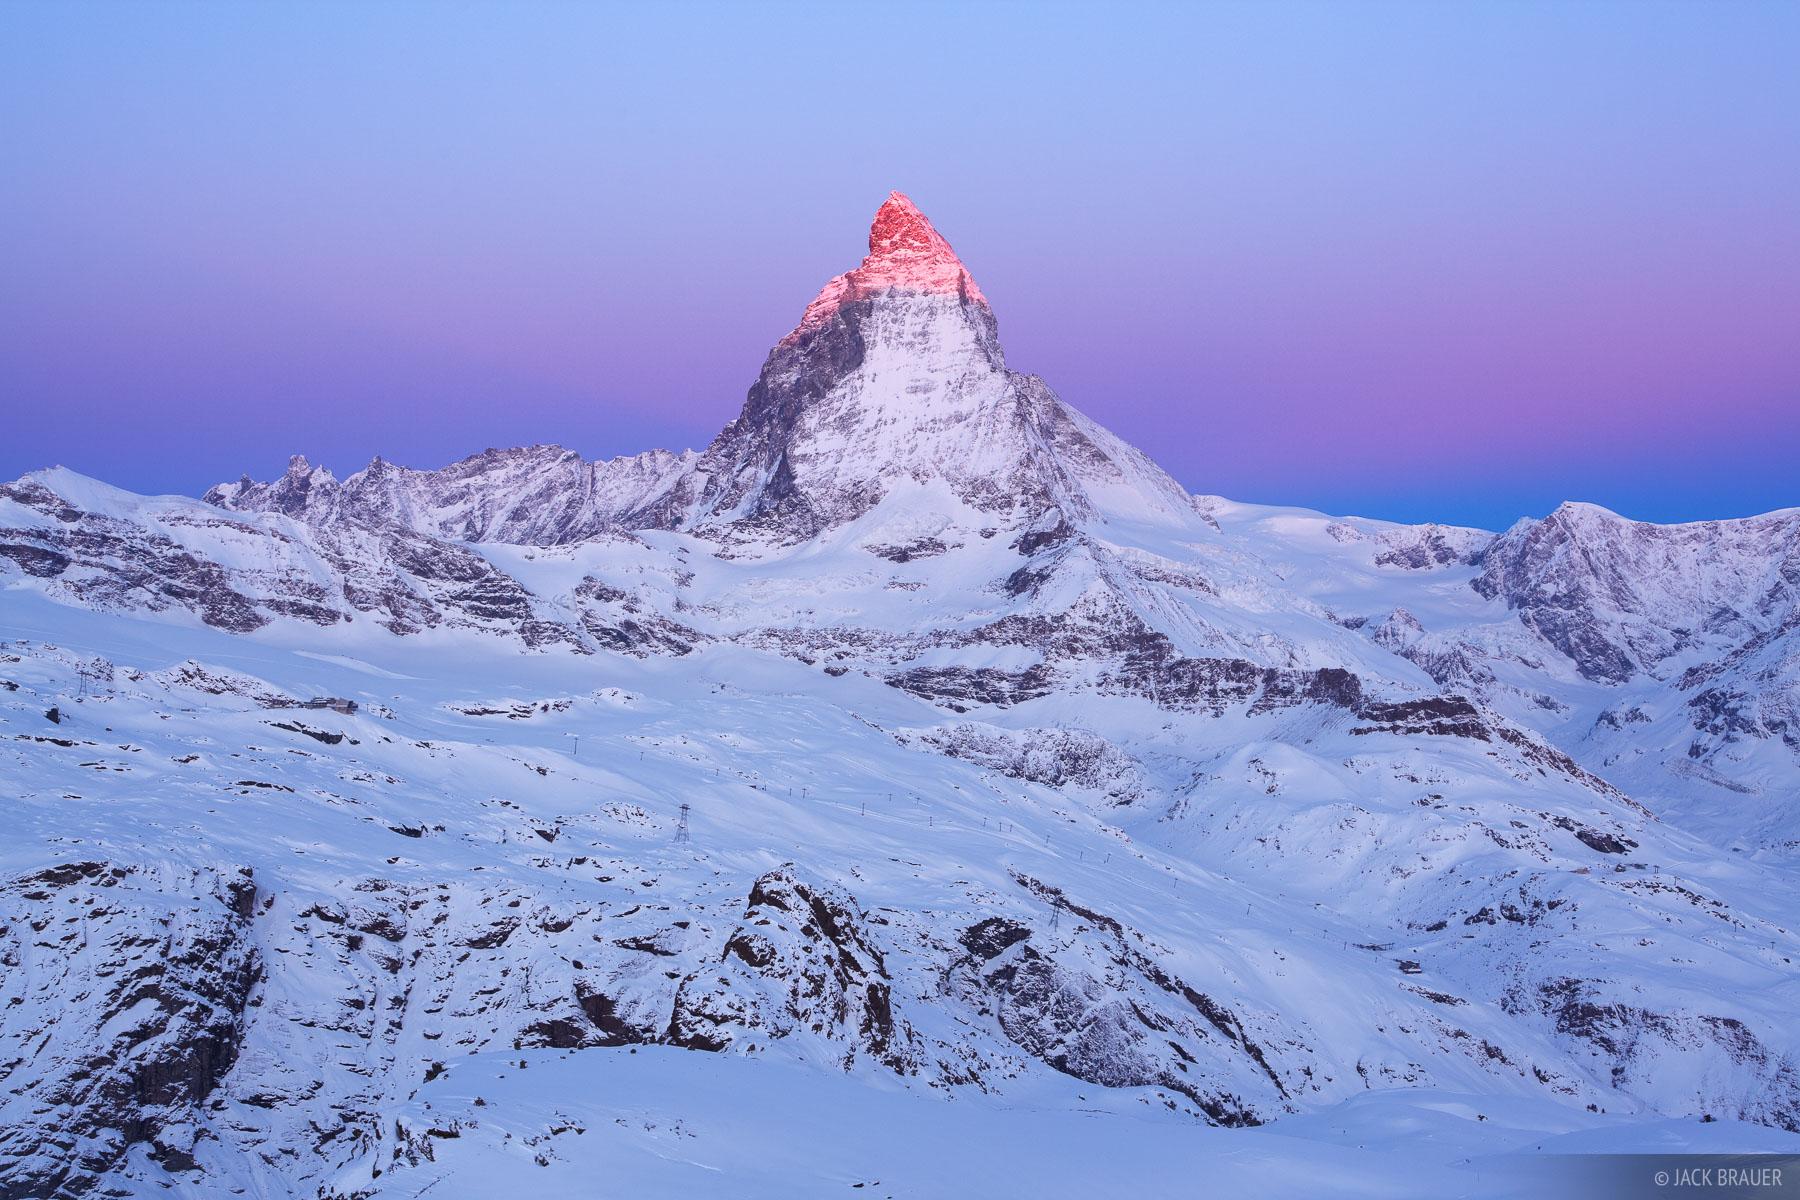 Matterhorn, alpenglow, sunrise, Zermatt, Switzerland, Gornergrat, Pennine, photo